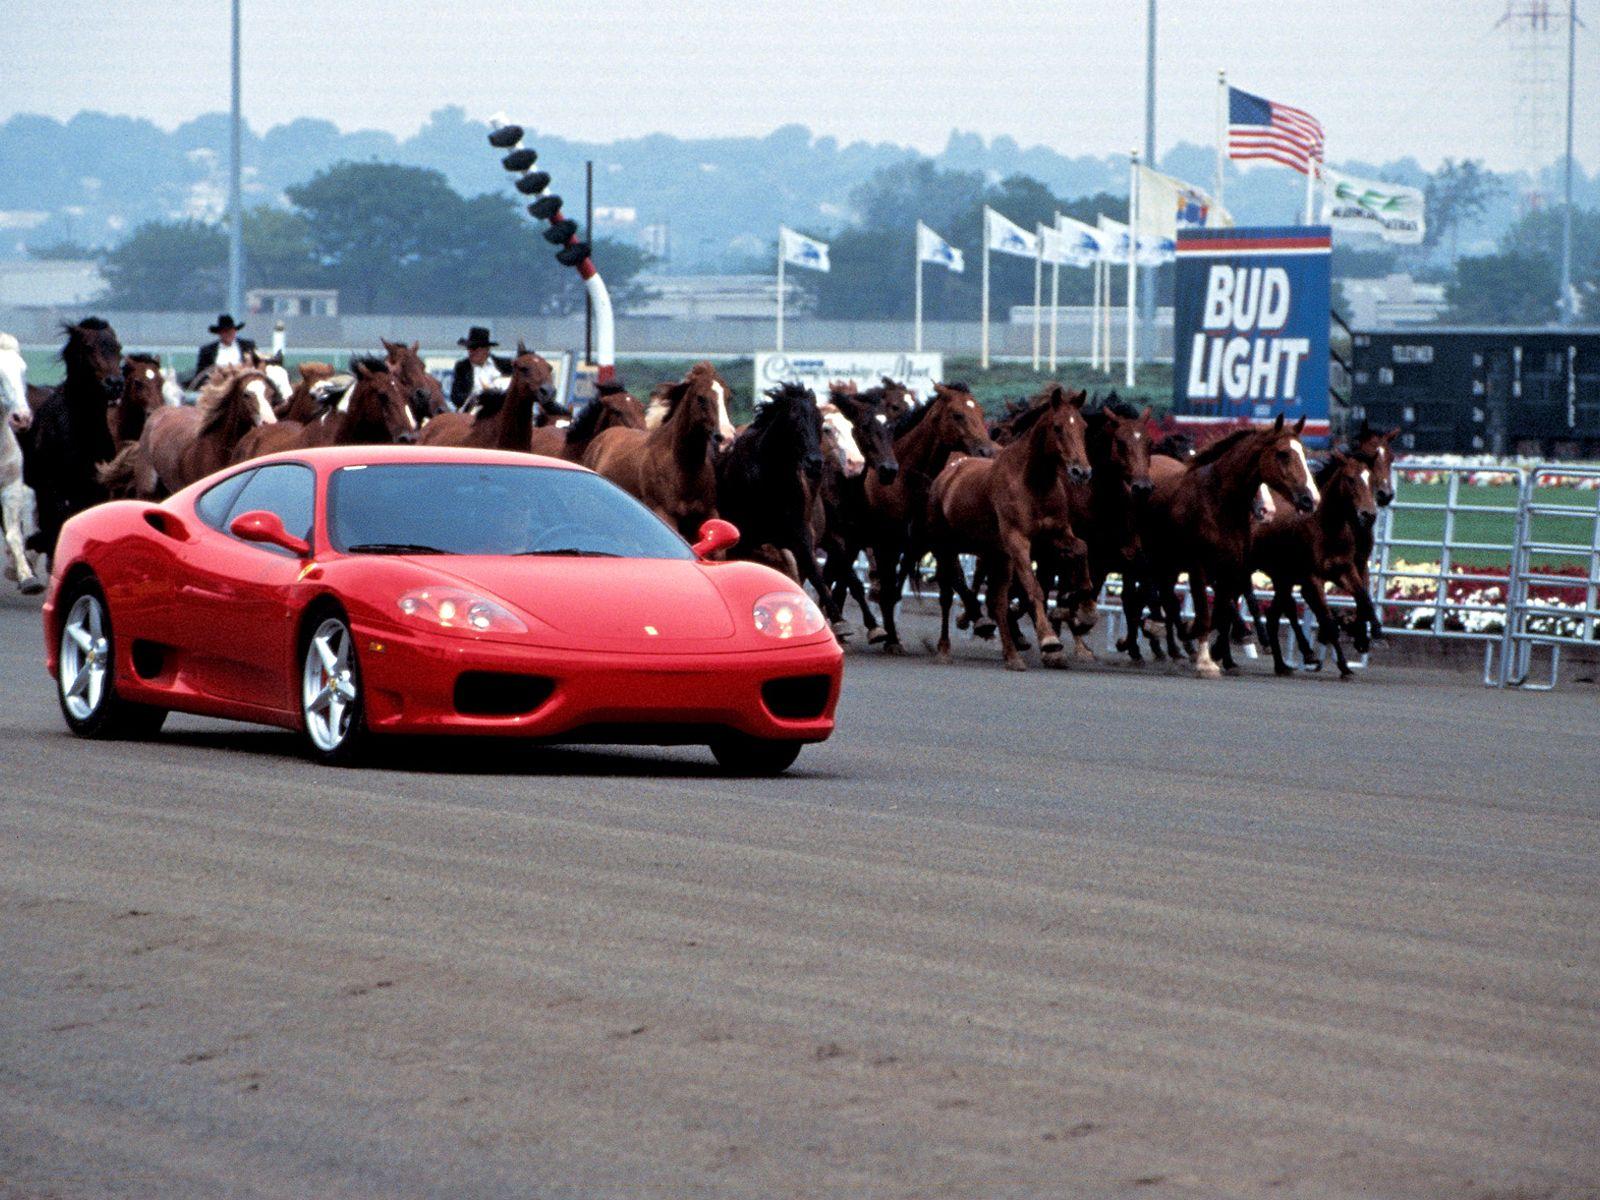 http://3.bp.blogspot.com/_uTGKd6u5pJ4/TRwsriBSBBI/AAAAAAAAAQI/BEi2Hy7ulGc/s1600/Ferrari-360-Modena-Red-Car-Wallpaper.jpg